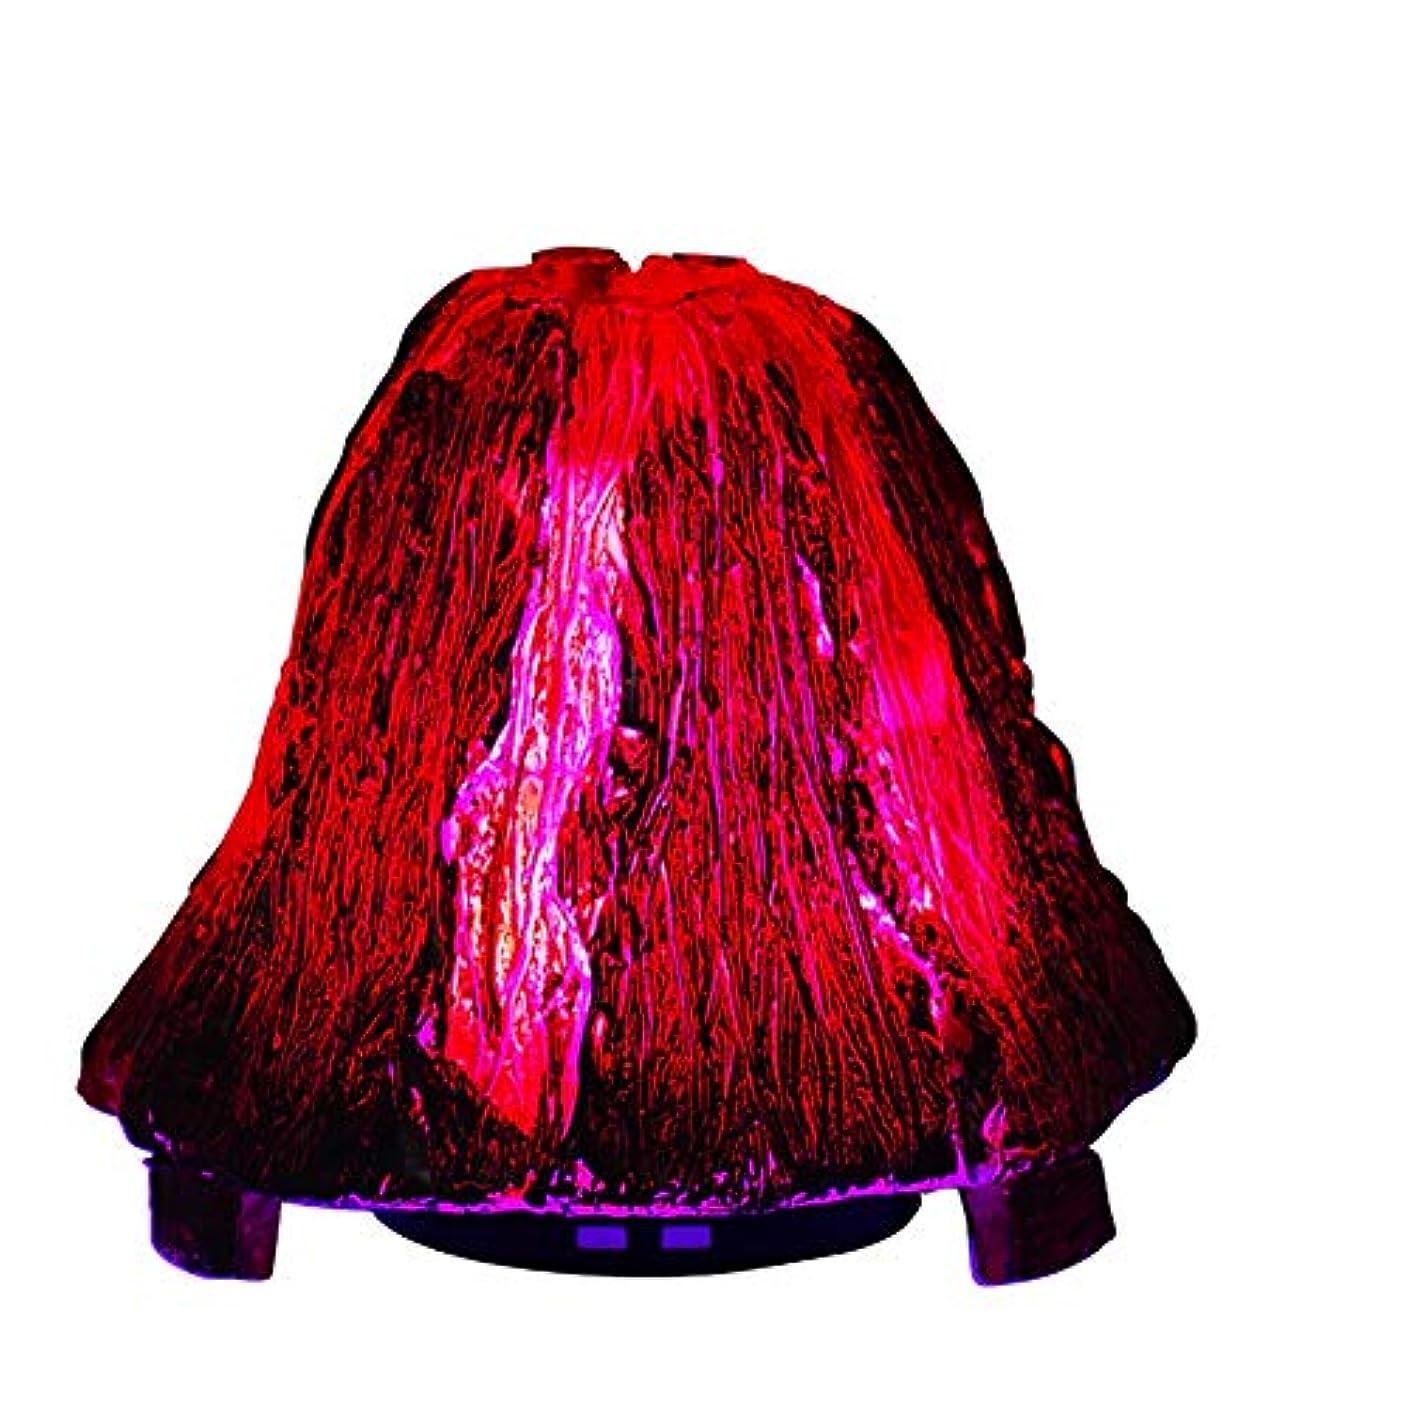 追加する帳面置くためにパックオリジナリティ火山のエッセンシャルオイルディフューザー、120mlアロマセラピー超音波クールミスト加湿器、7色LEDライト付きウォーターレスオートオフ